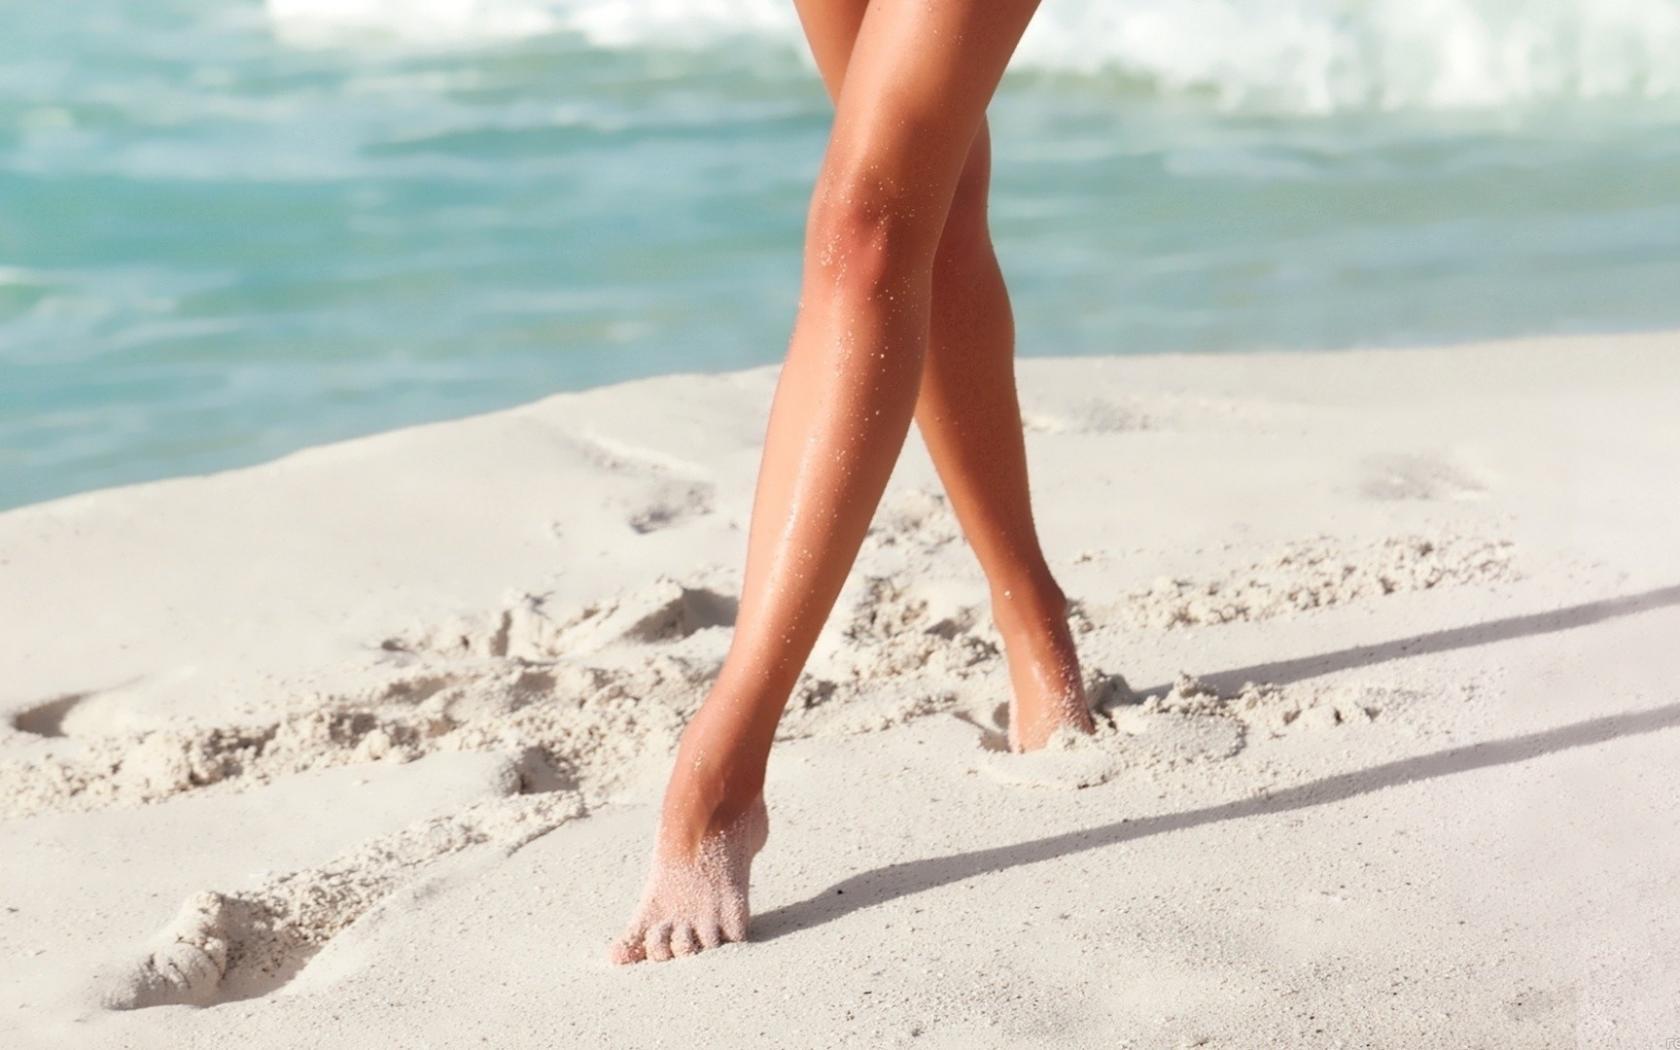 Реальные фото женских ног 21 фотография